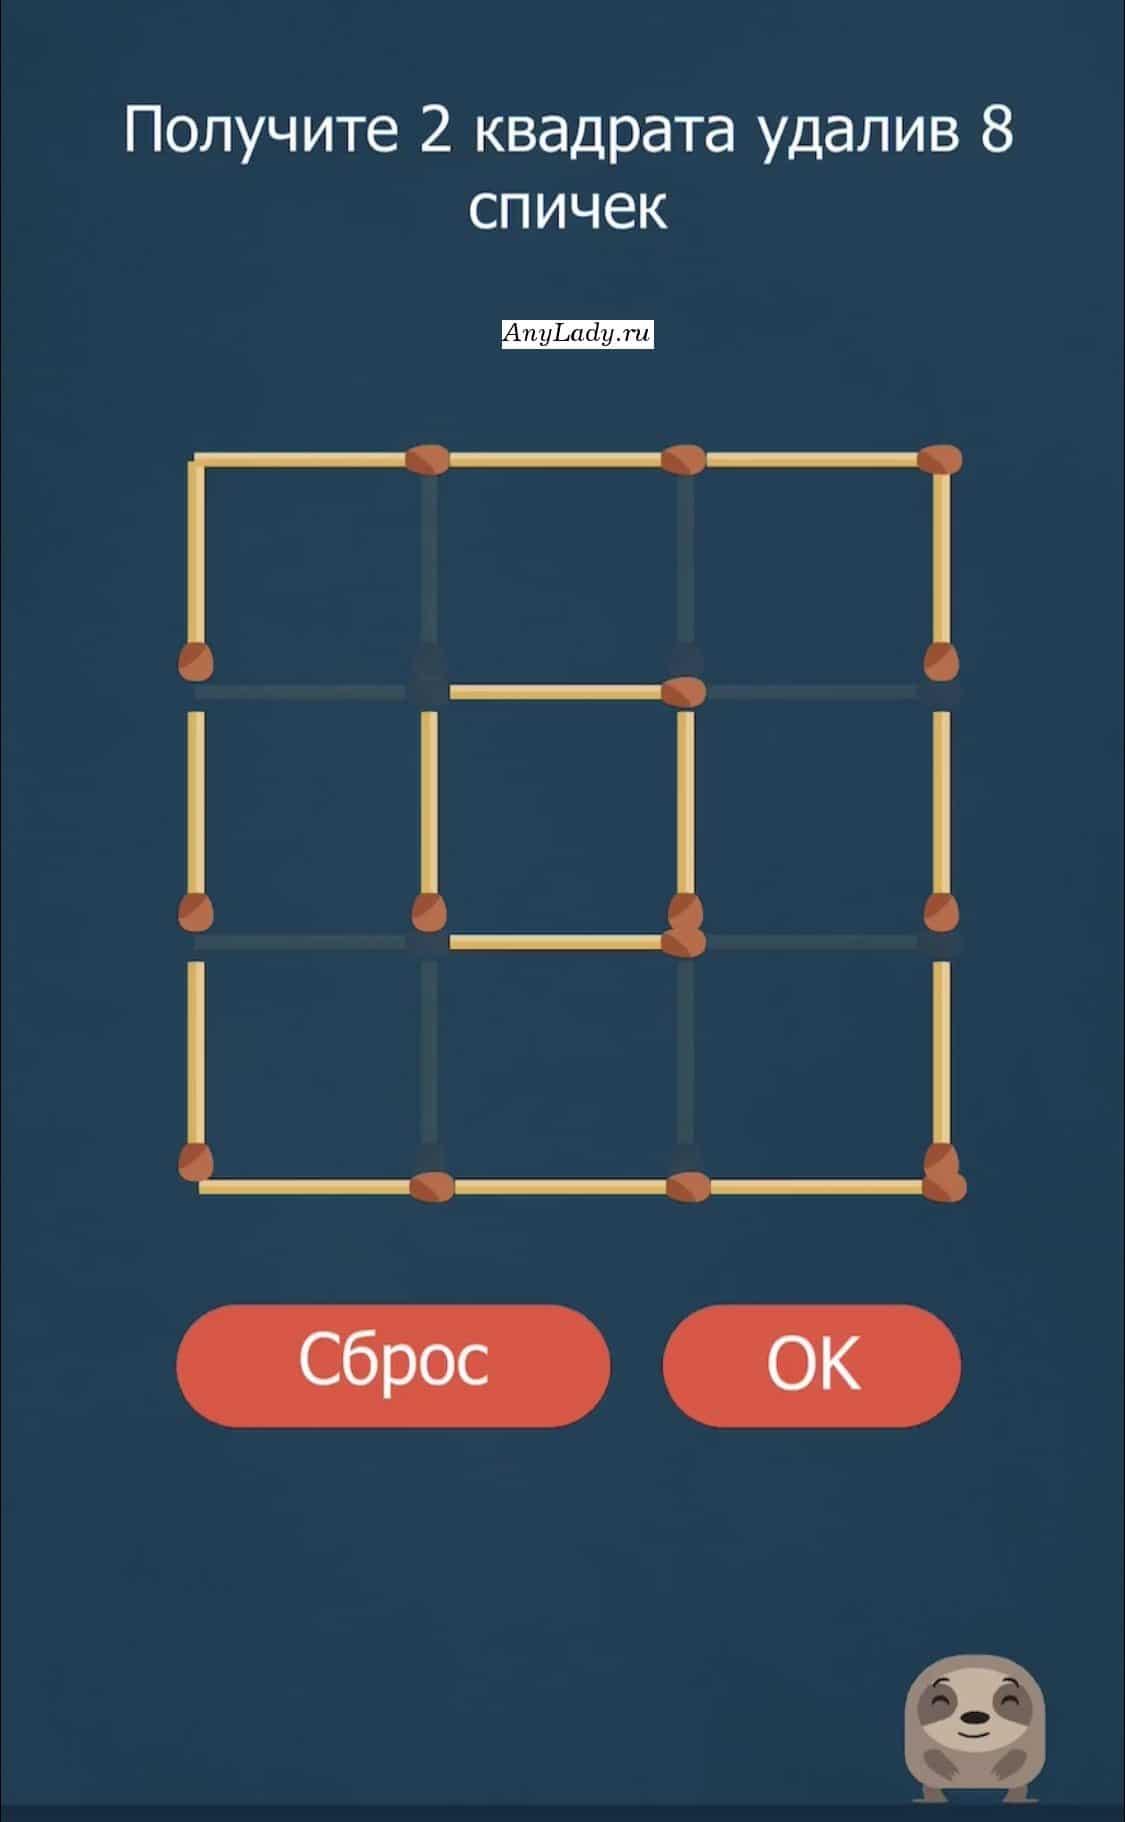 Удалите восемь спичек, нажав на них по внутреннему кругу квадрата.  Смотрите изображение слева.